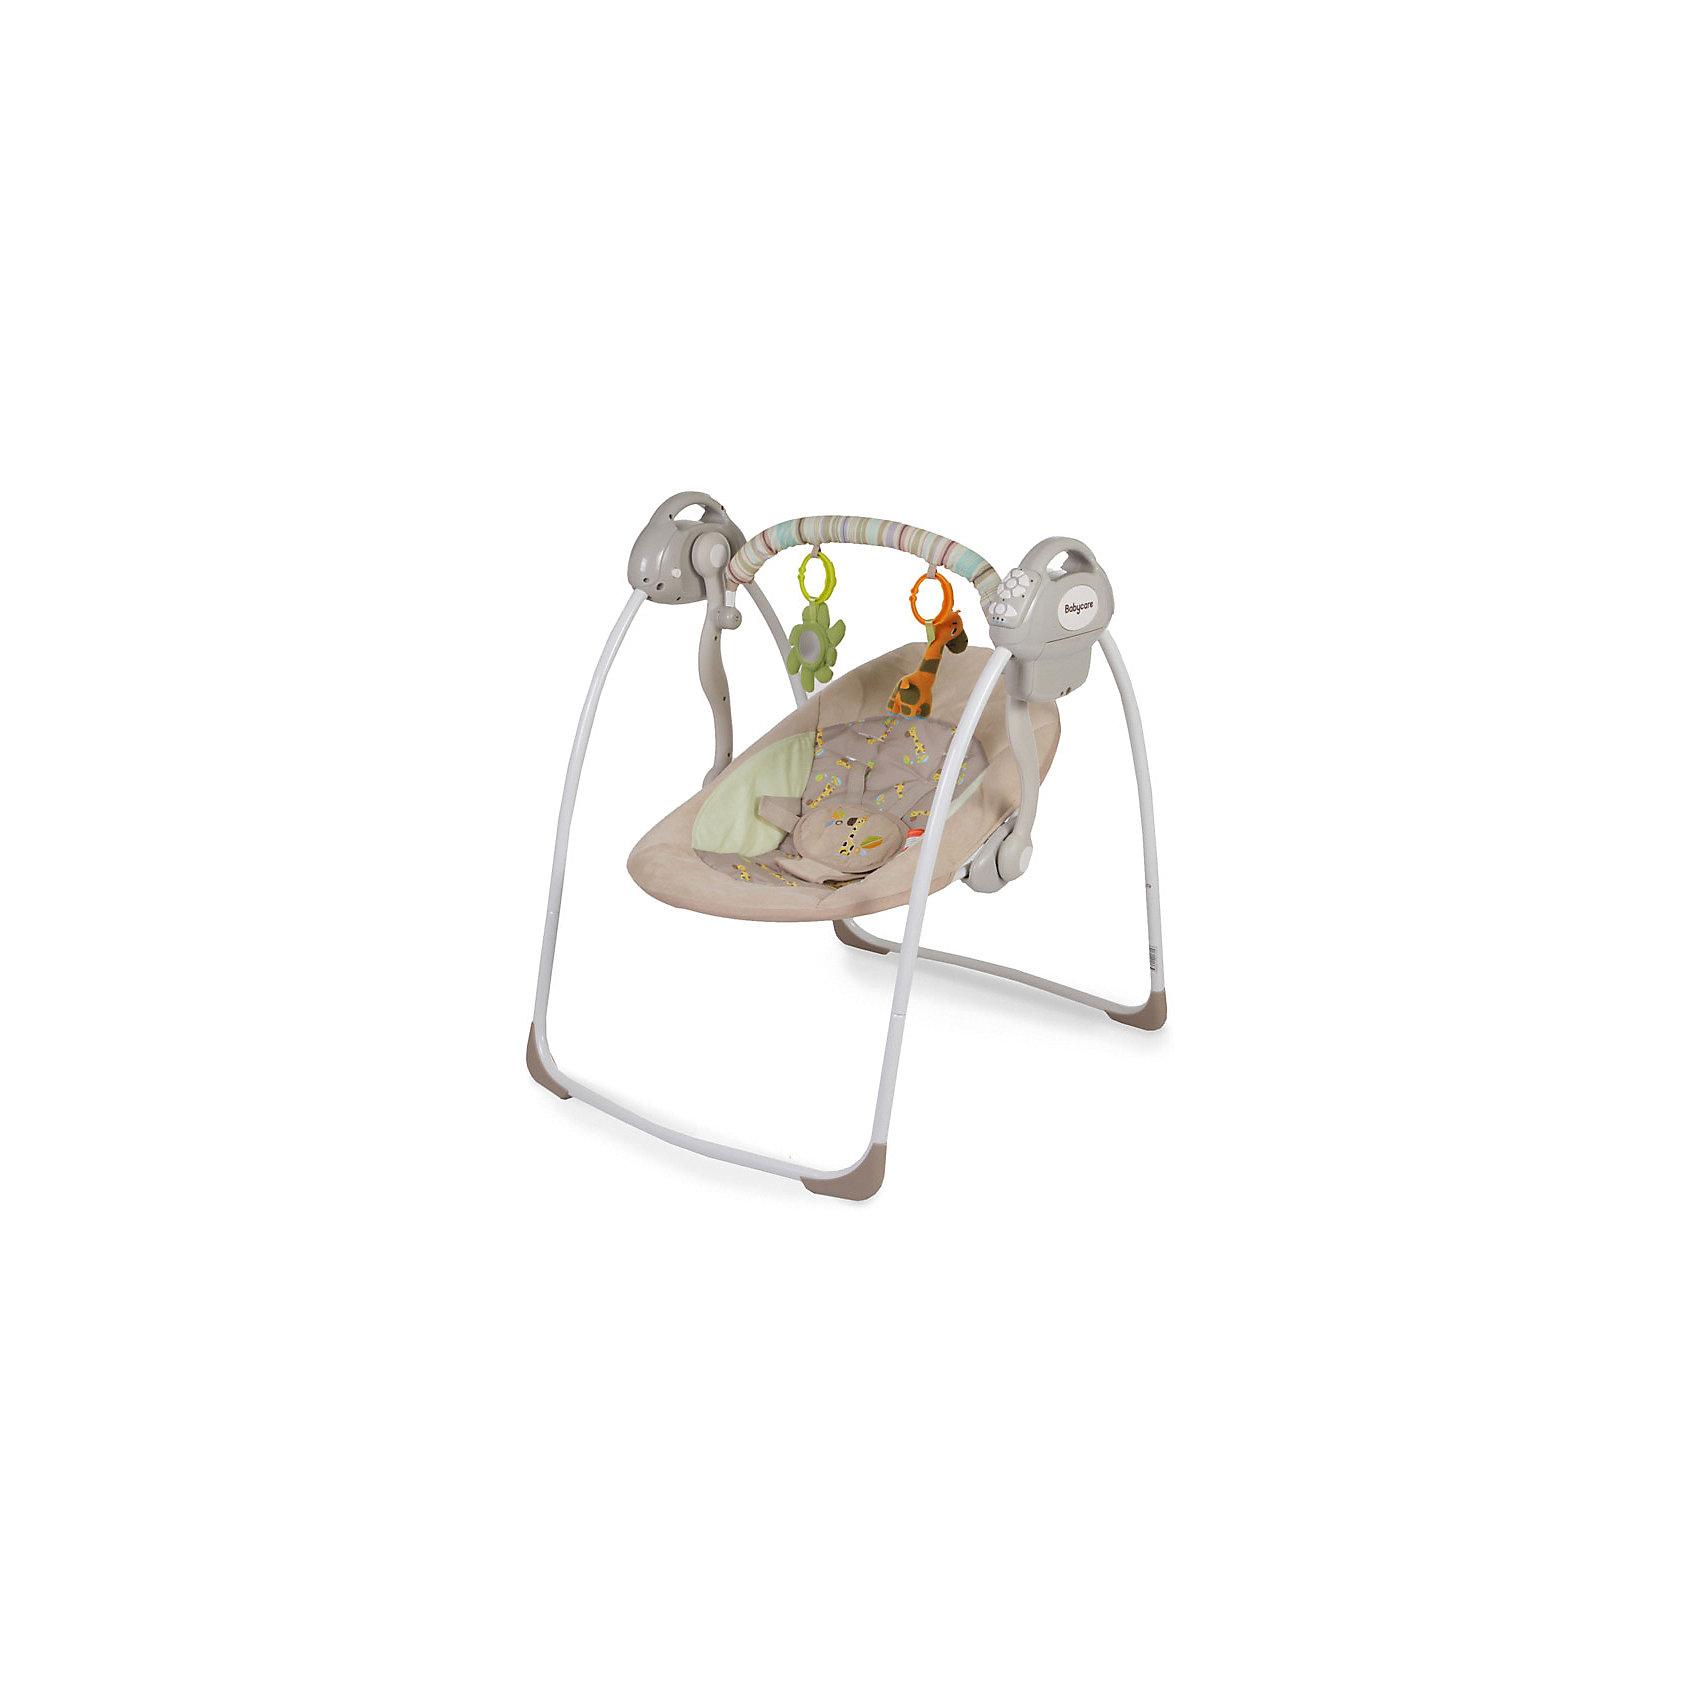 Электрокачели Riva с адаптером, Baby Care, кофейныйОсобенности:• 2 положения спинки;• 5-точеные ремни безопасности;• 6 скоростей укачивания;• 10 мелодий, 3 уровня громкости;•  дуга с игрушками;<br>• обивку сидения можно стирать в холодной воде;• качели легко и компактно складываются;• сетевой адаптер в комплекте.  <br>Характеристики:• Размеры в разложенном виде - 82х63х72 см.• Размеры в сложенном виде - 79х63х24 см.• Расстояние от пола до сидения - 25 см.• Размеры сидения - 66х41 см.• Вес - 4,5 кг.• Рекомендовано для детей c рождения до 6 месяцев (весом до 11 кг).<br><br>Ширина мм: 600<br>Глубина мм: 380<br>Высота мм: 130<br>Вес г: 4500<br>Возраст от месяцев: 3<br>Возраст до месяцев: 6<br>Пол: Унисекс<br>Возраст: Детский<br>SKU: 5493369